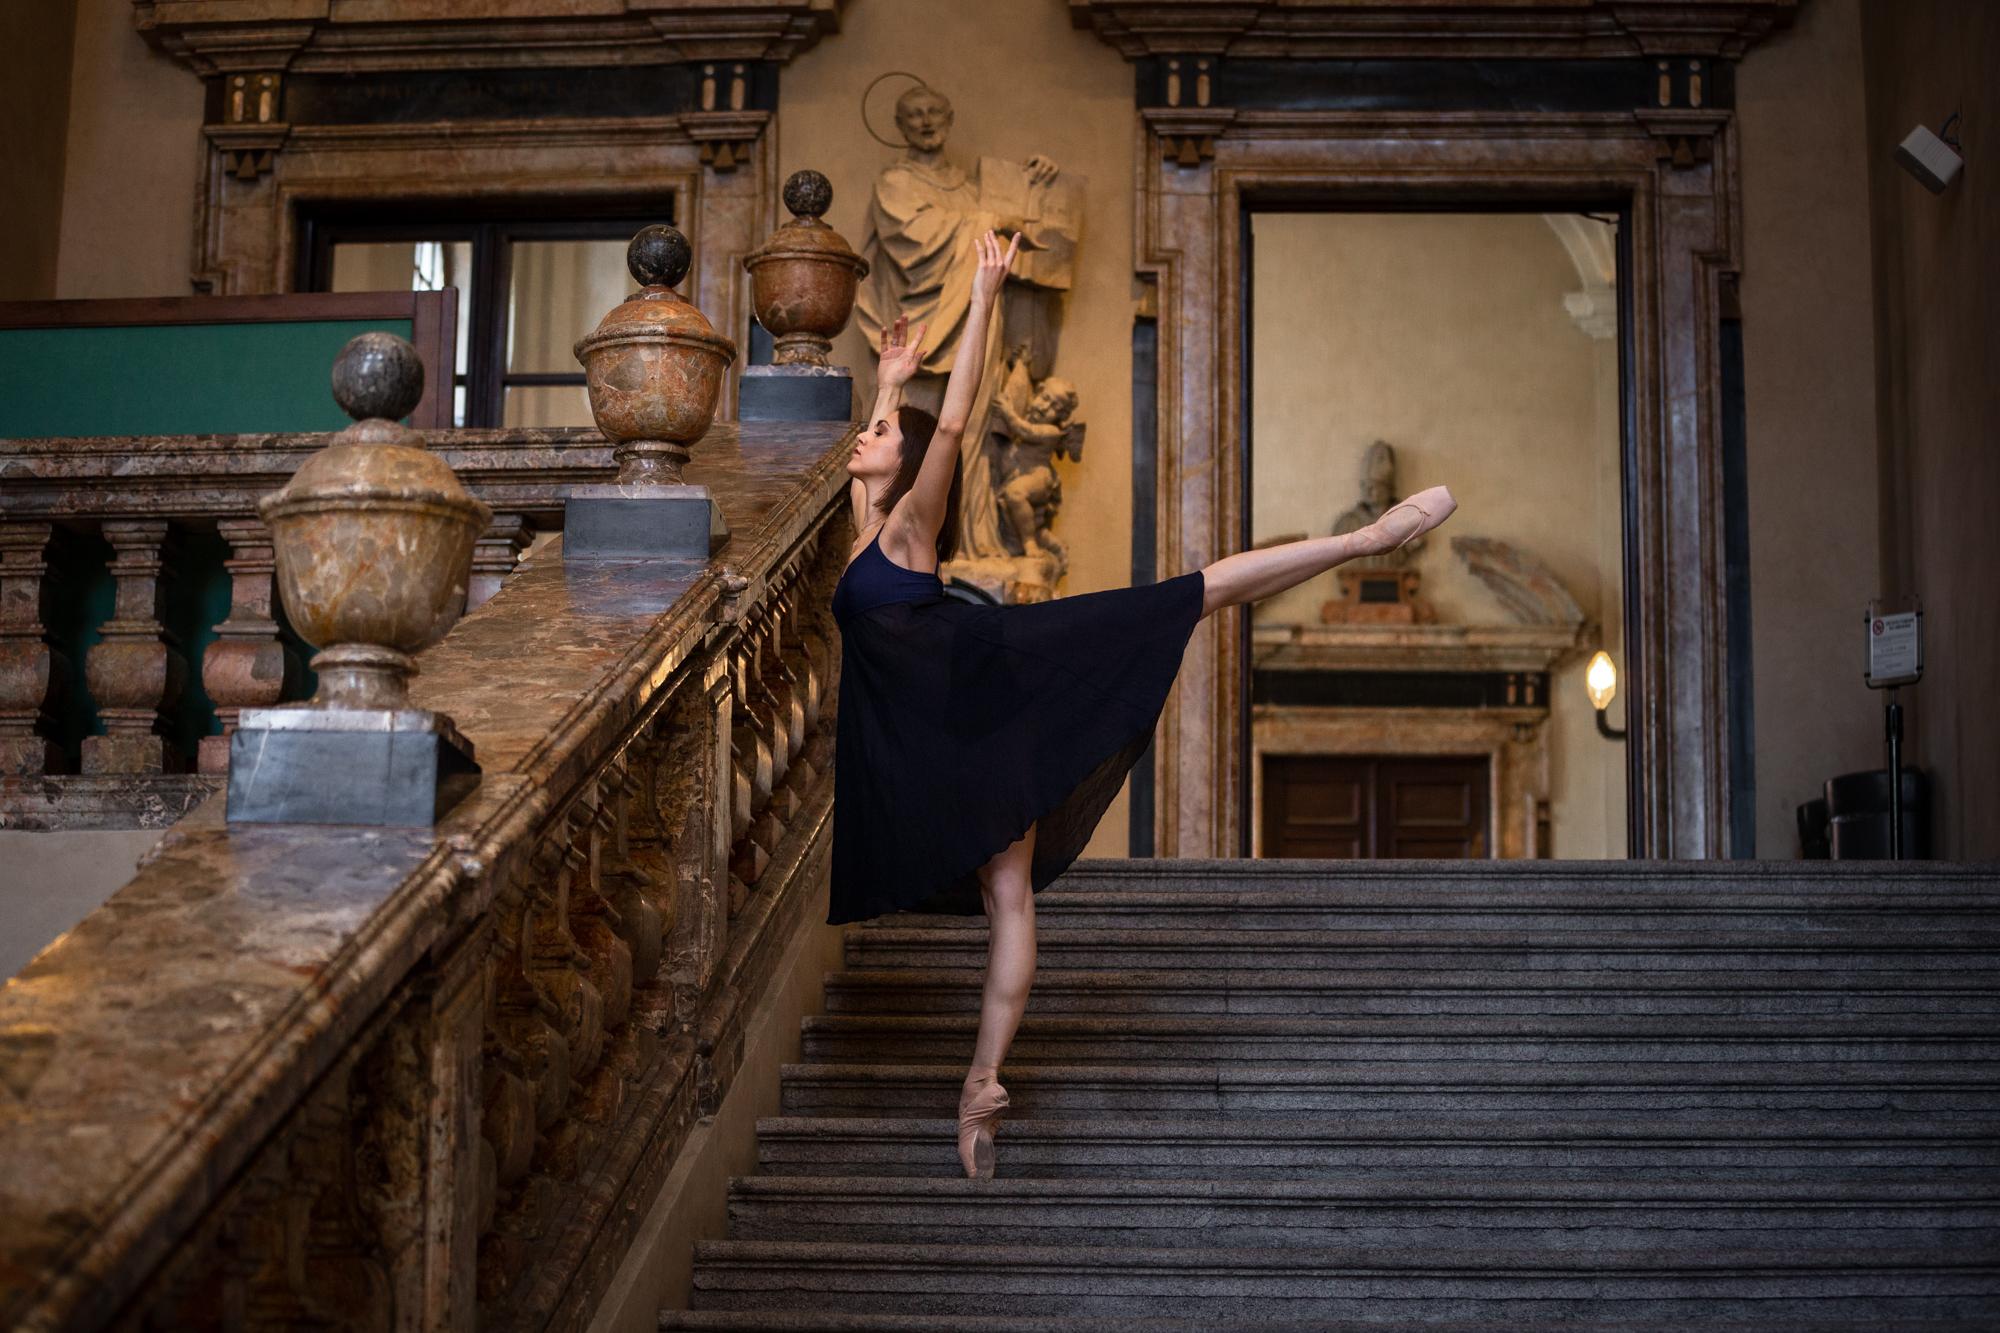 Sveva_ballerina-4